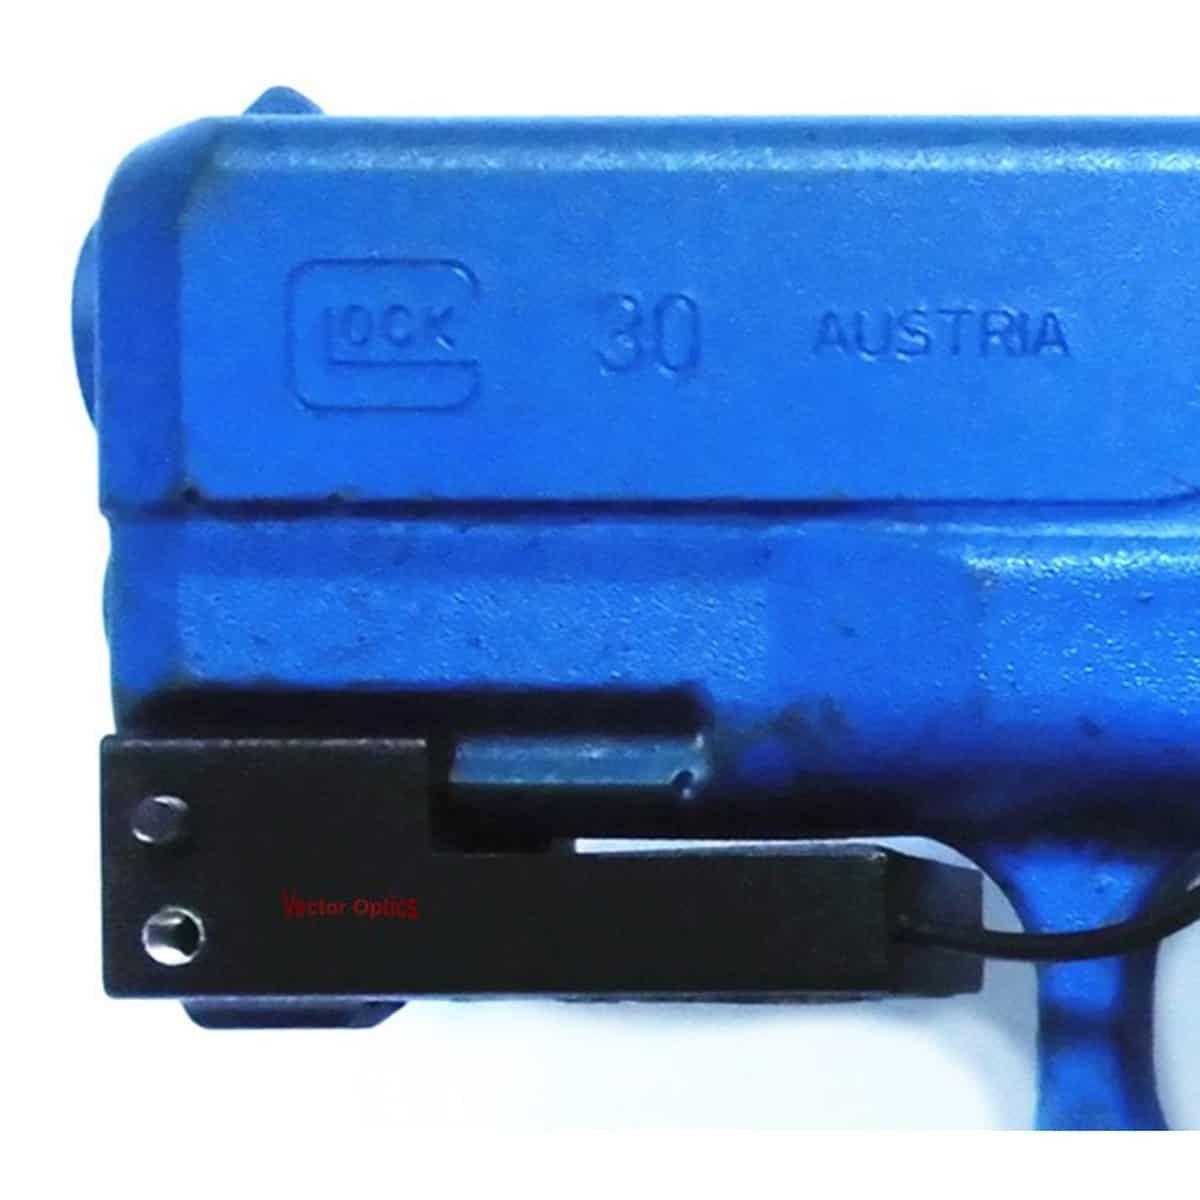 Inferno Pistol Super Thin Red Laser